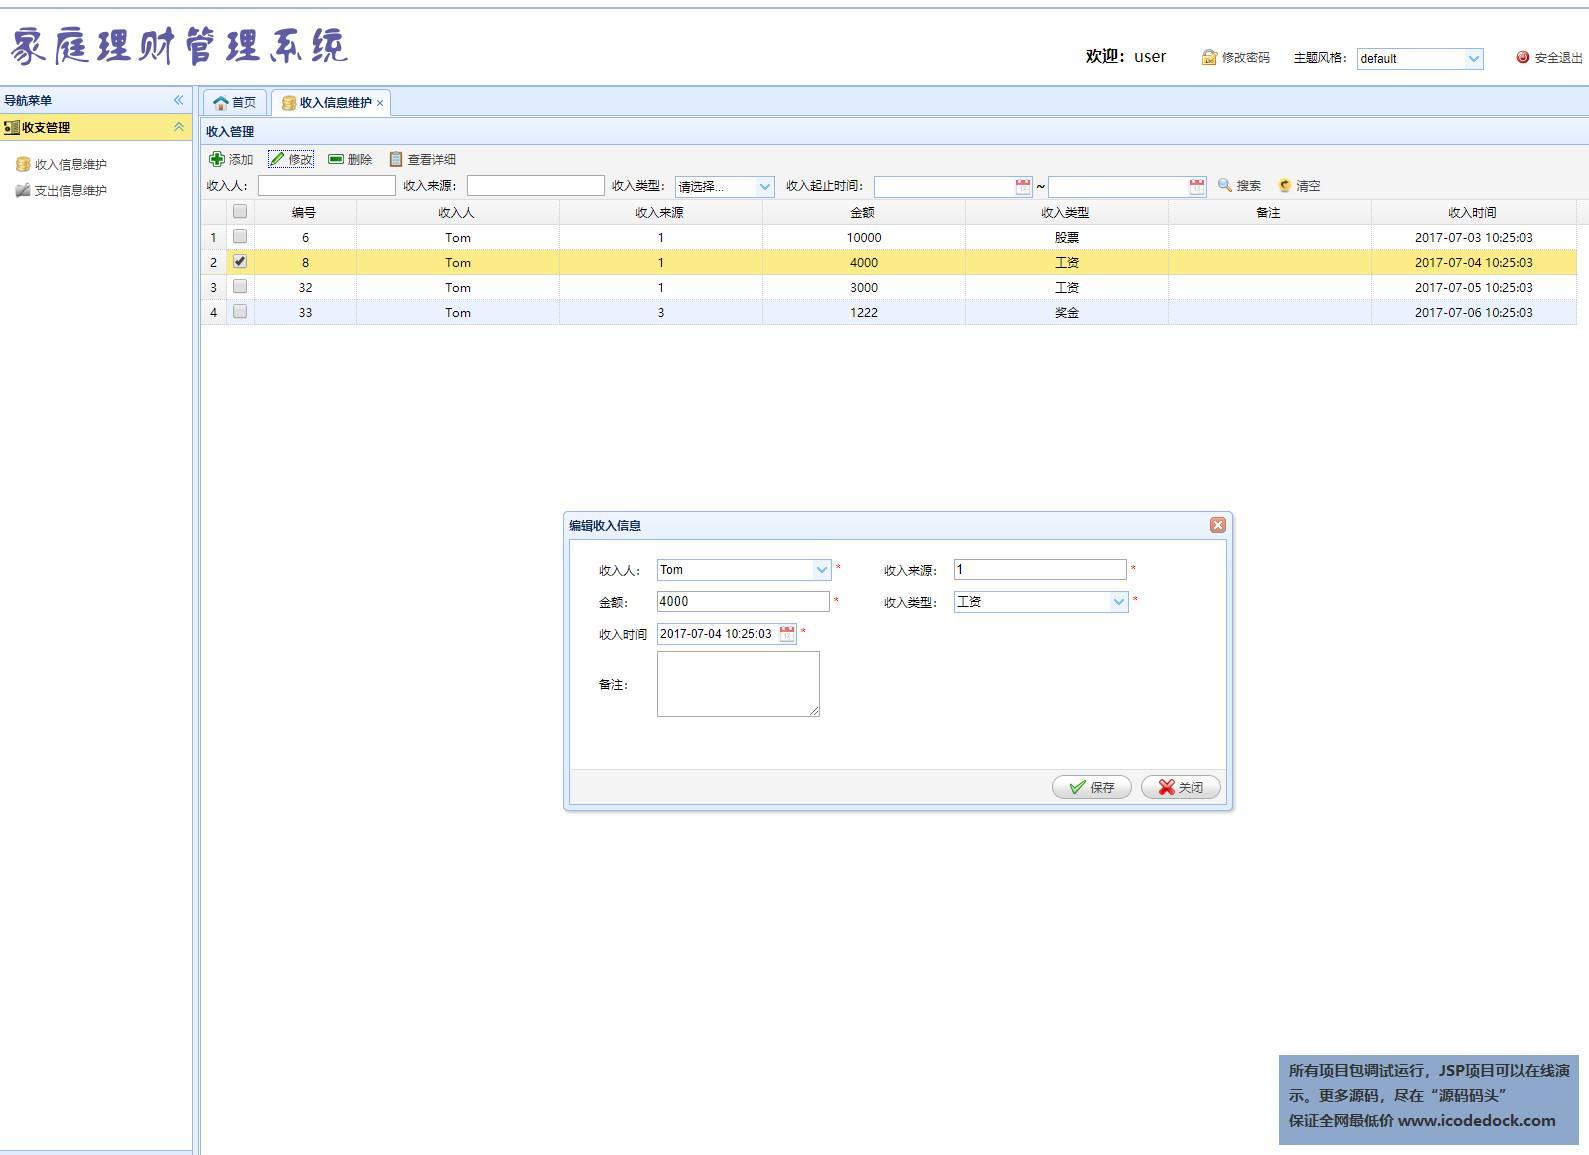 源码码头-SSM家庭理财记账管理系统-用户角色-收入信息管理